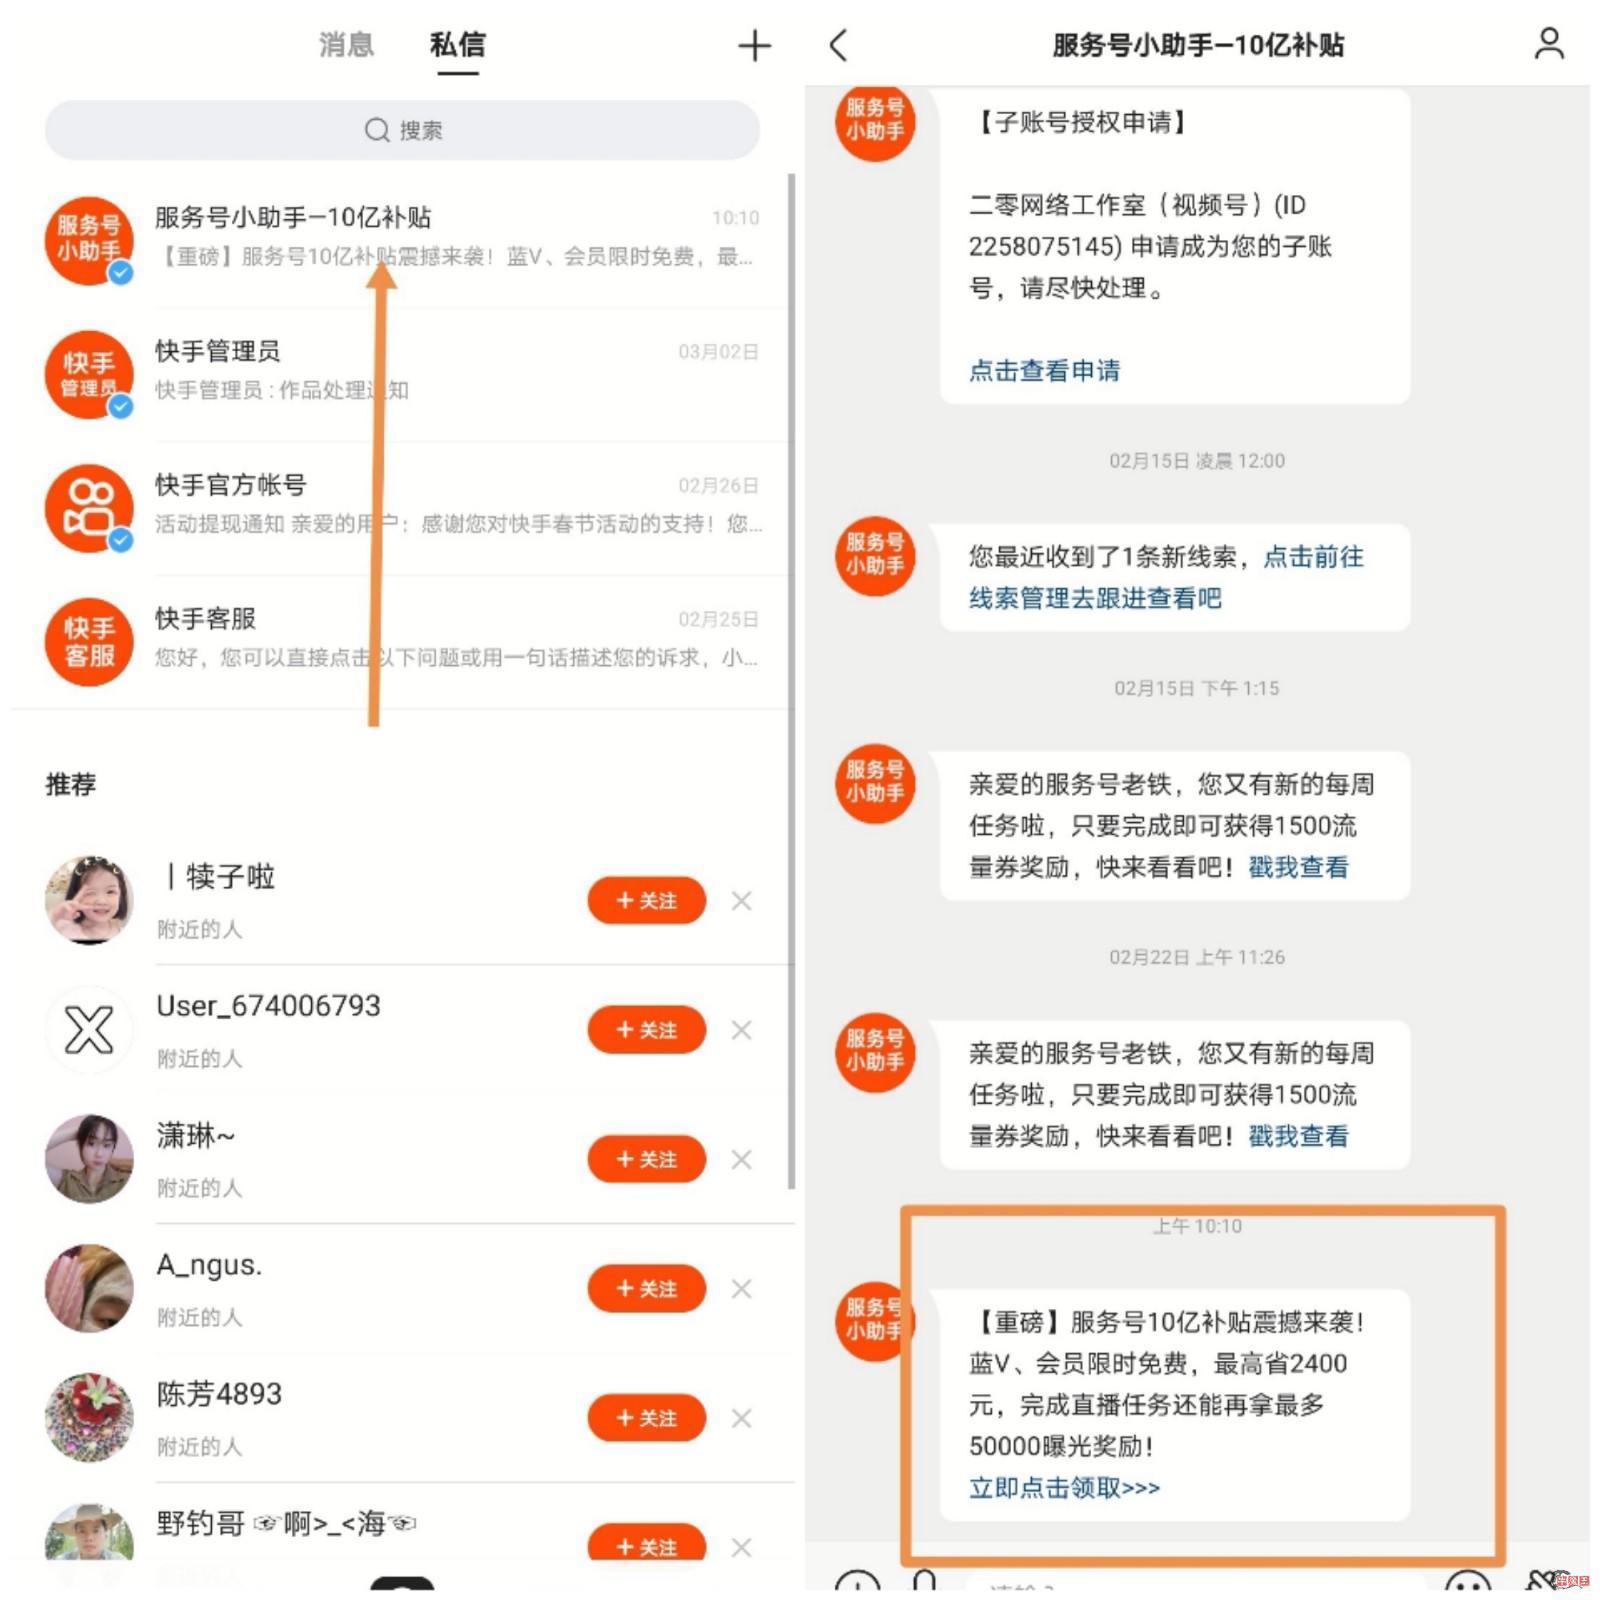 快手蓝v企业认证限时免费活动地址分享-牛魔博客